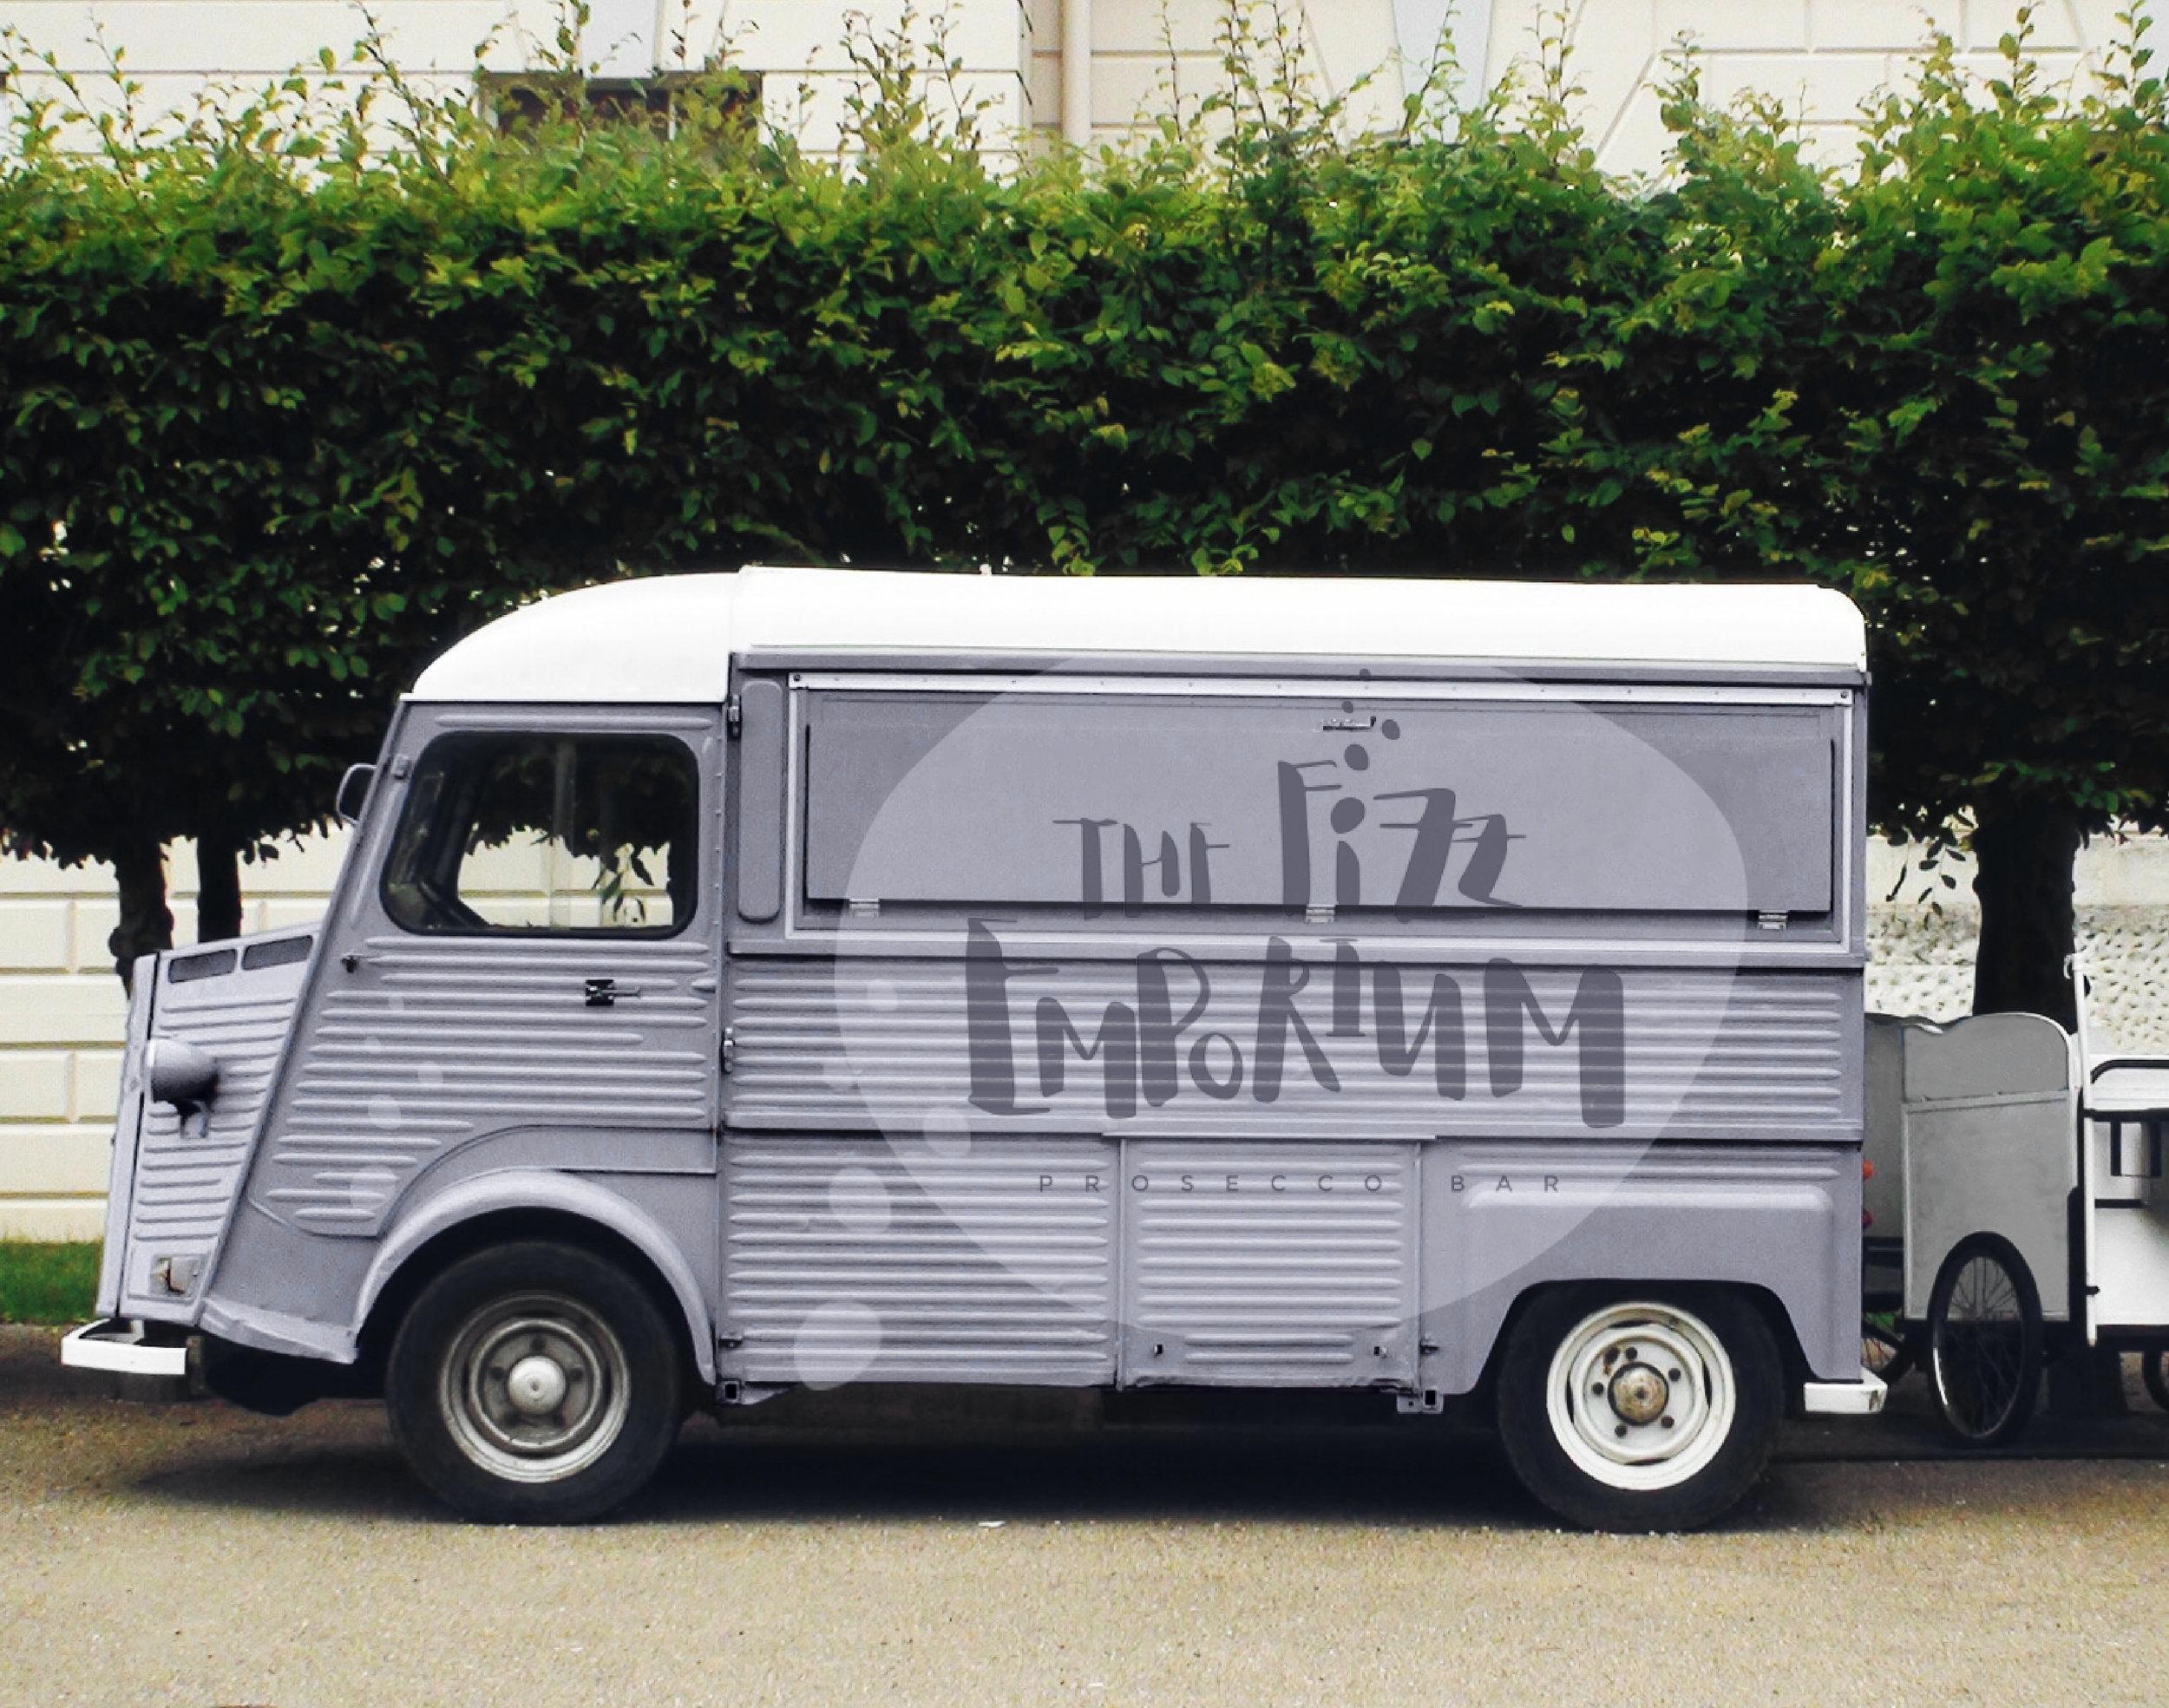 The Fizz Emporium